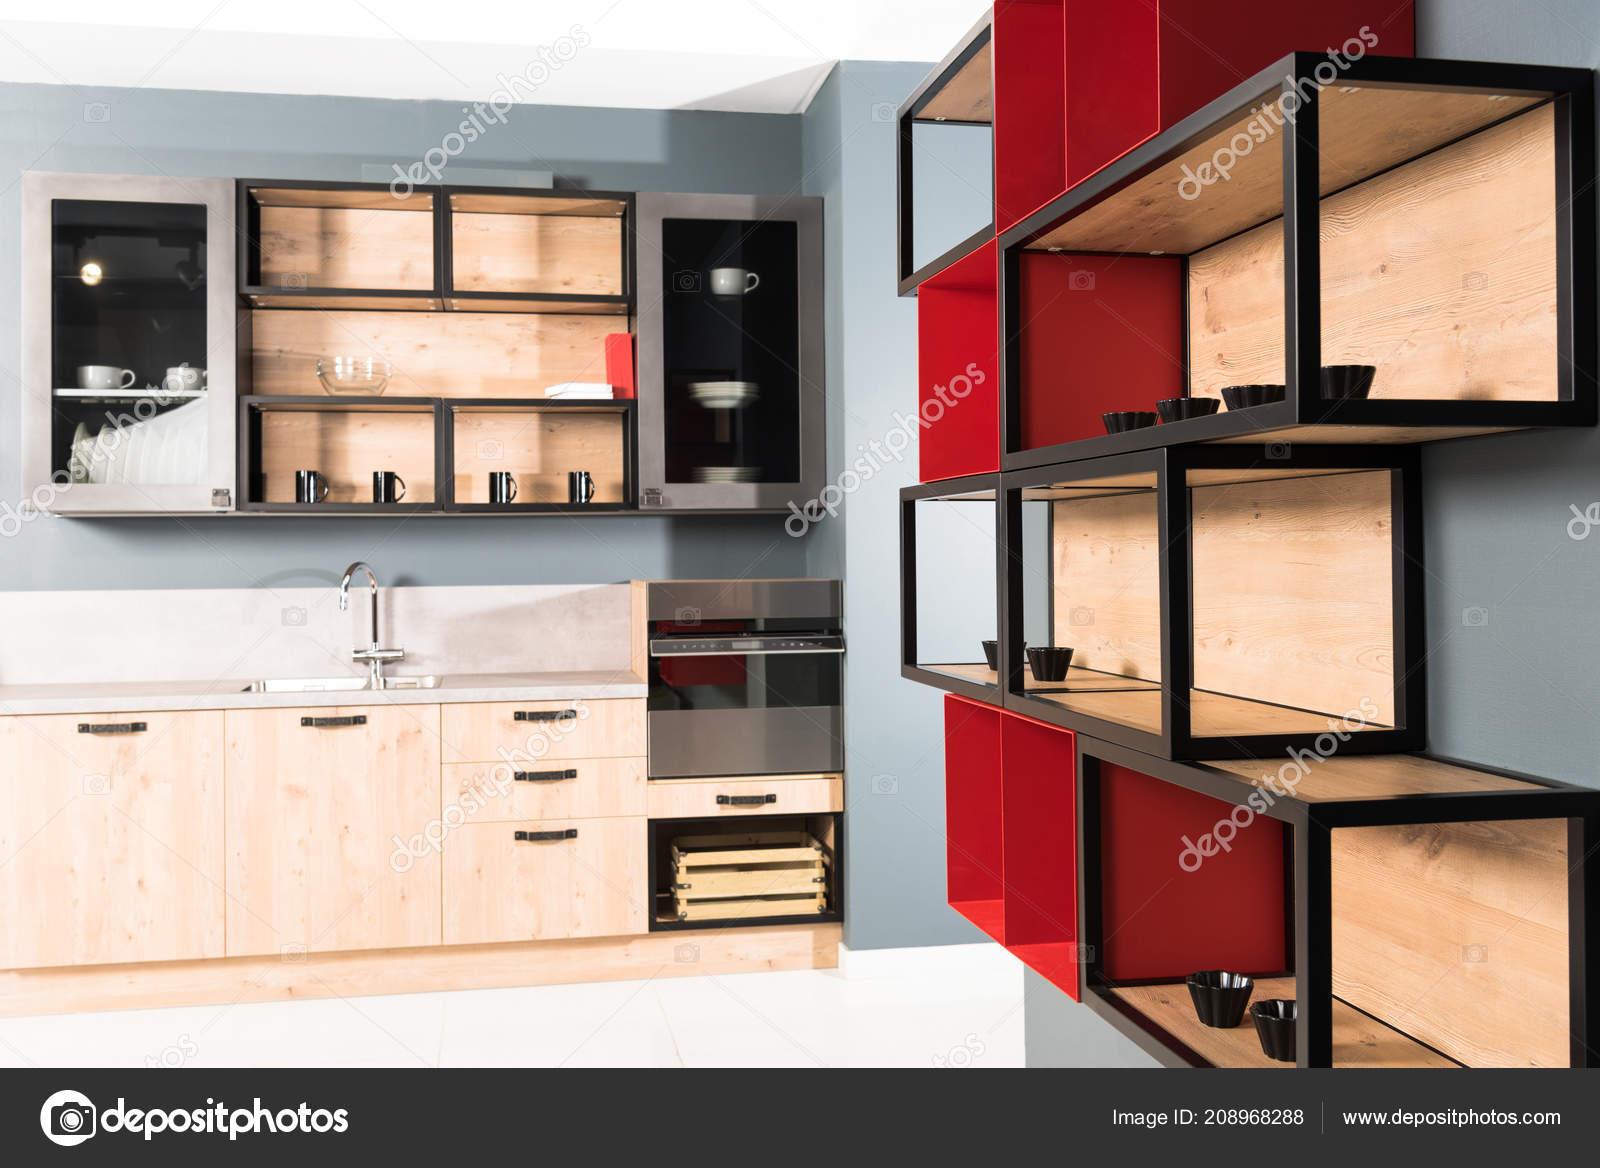 af3291281012d Interiér moderní čisté lehké kuchyně kuchyňské linky a červená police–  stock obrázky